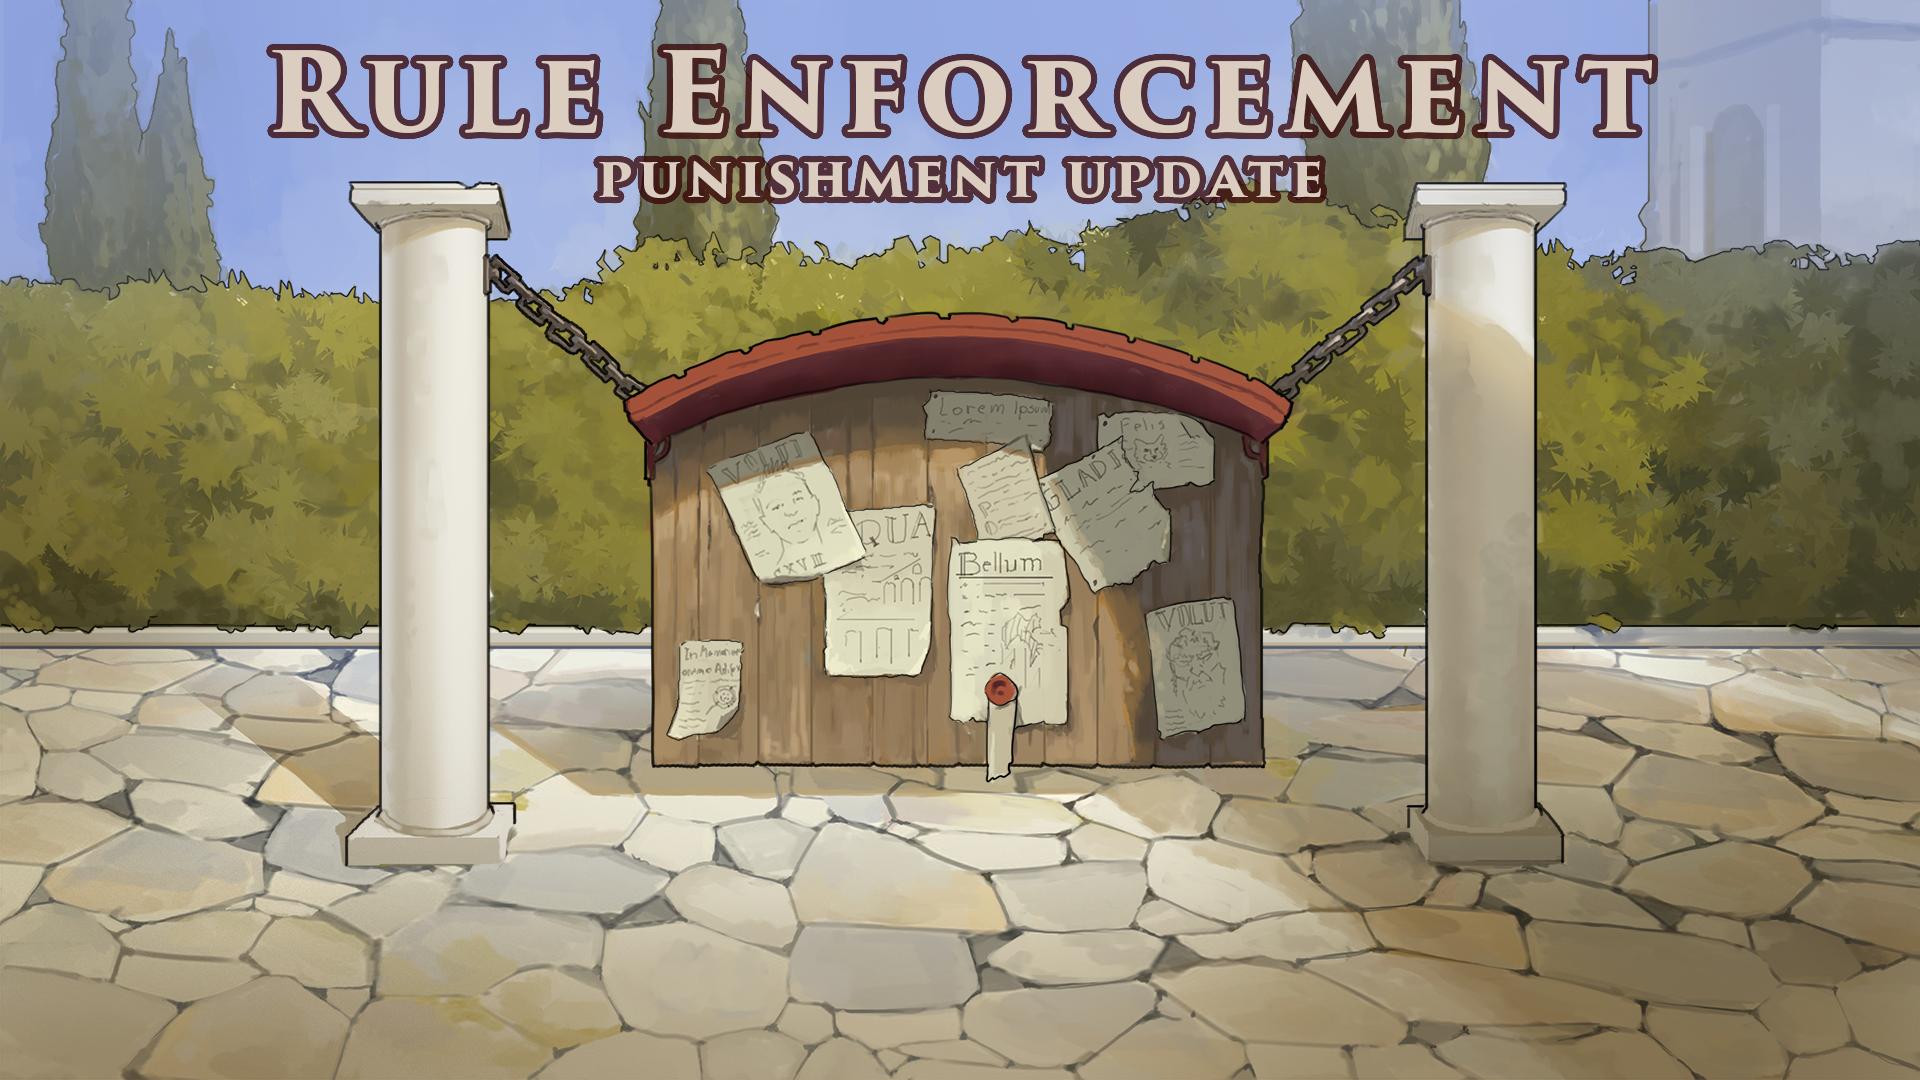 Kemas kini Penguatkuasaan Peraturan ~ Hukuman yang Lebih Keras kerana menjual kandungan atau akaun dalam permainan